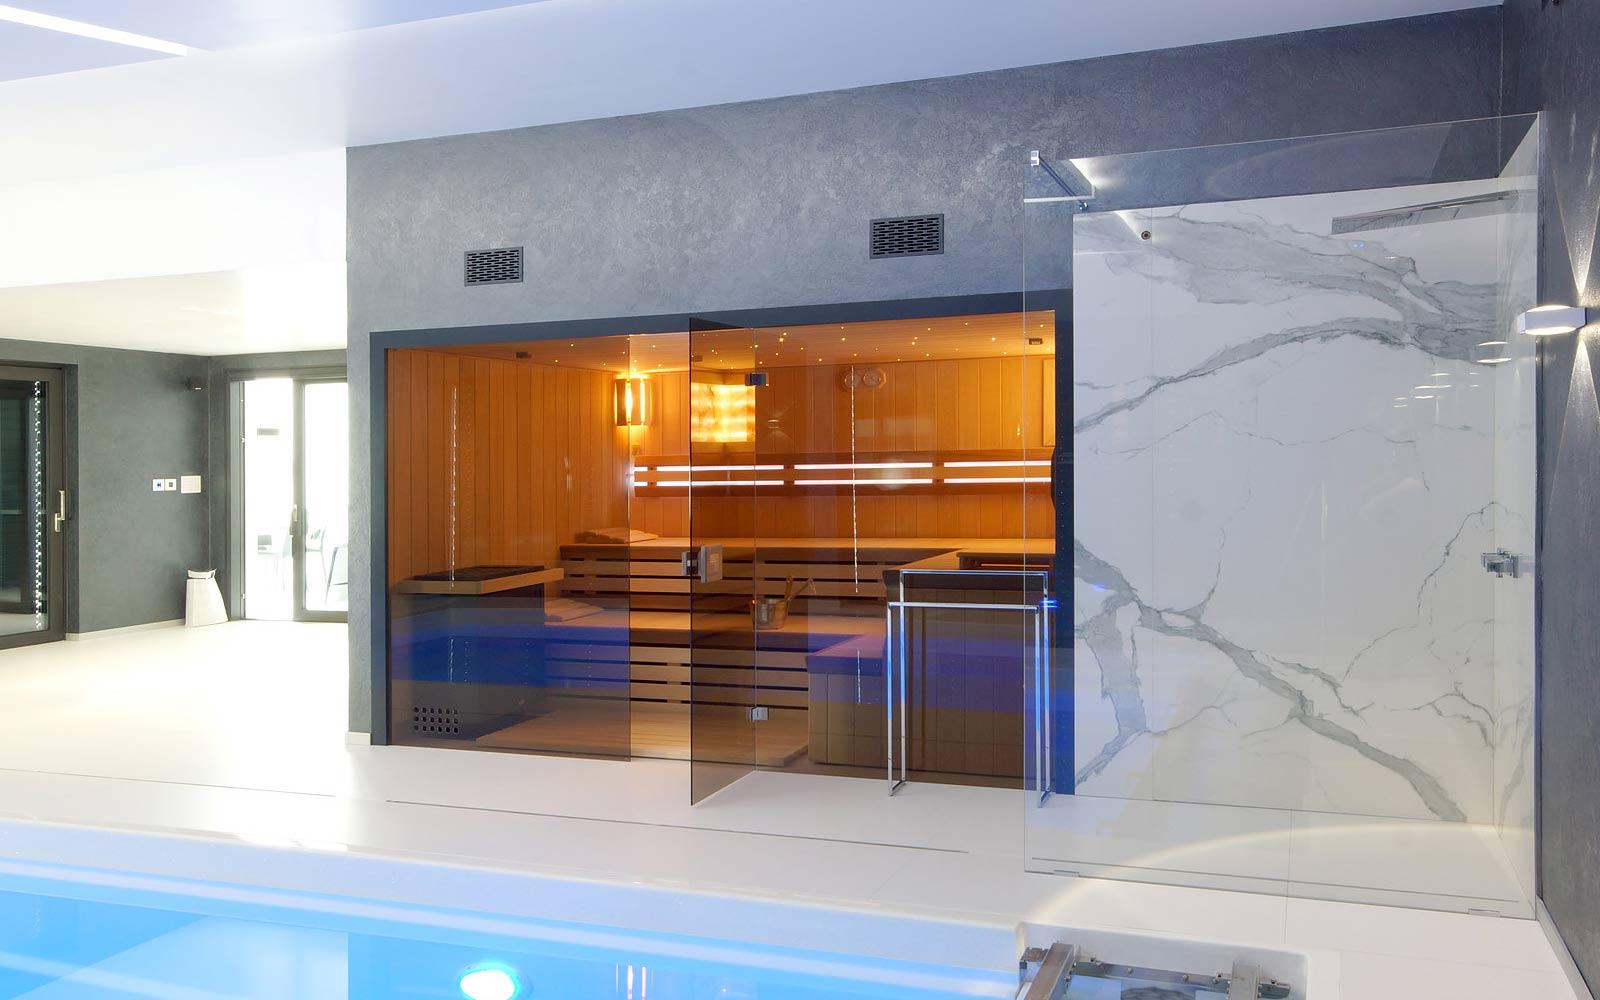 Relaxujte a odpočívejte v sauně, kterou budete mít u vás doma